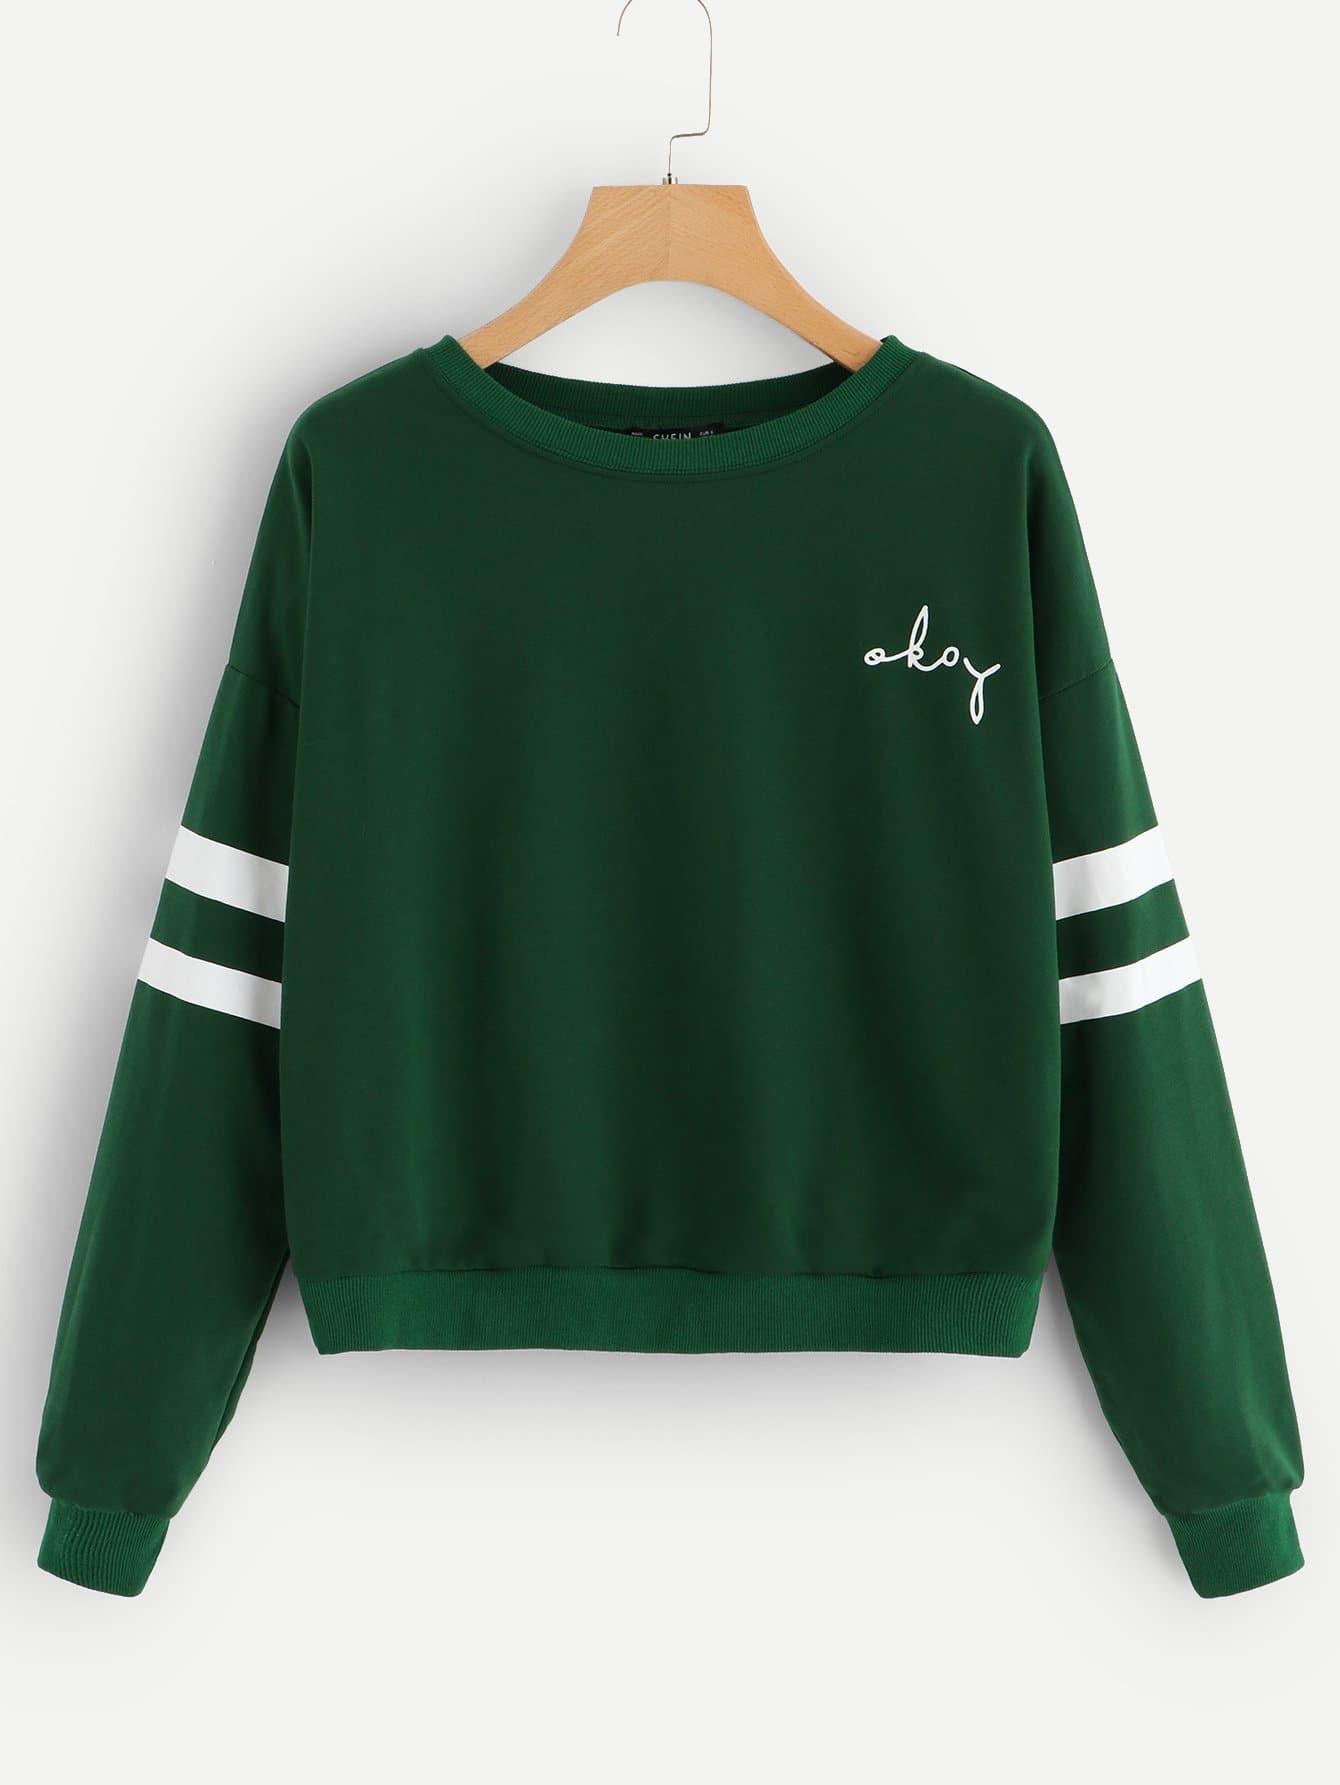 Фото - Пуловер с заниженной линией плеч с полосатым рукавом от SheIn зеленого цвета